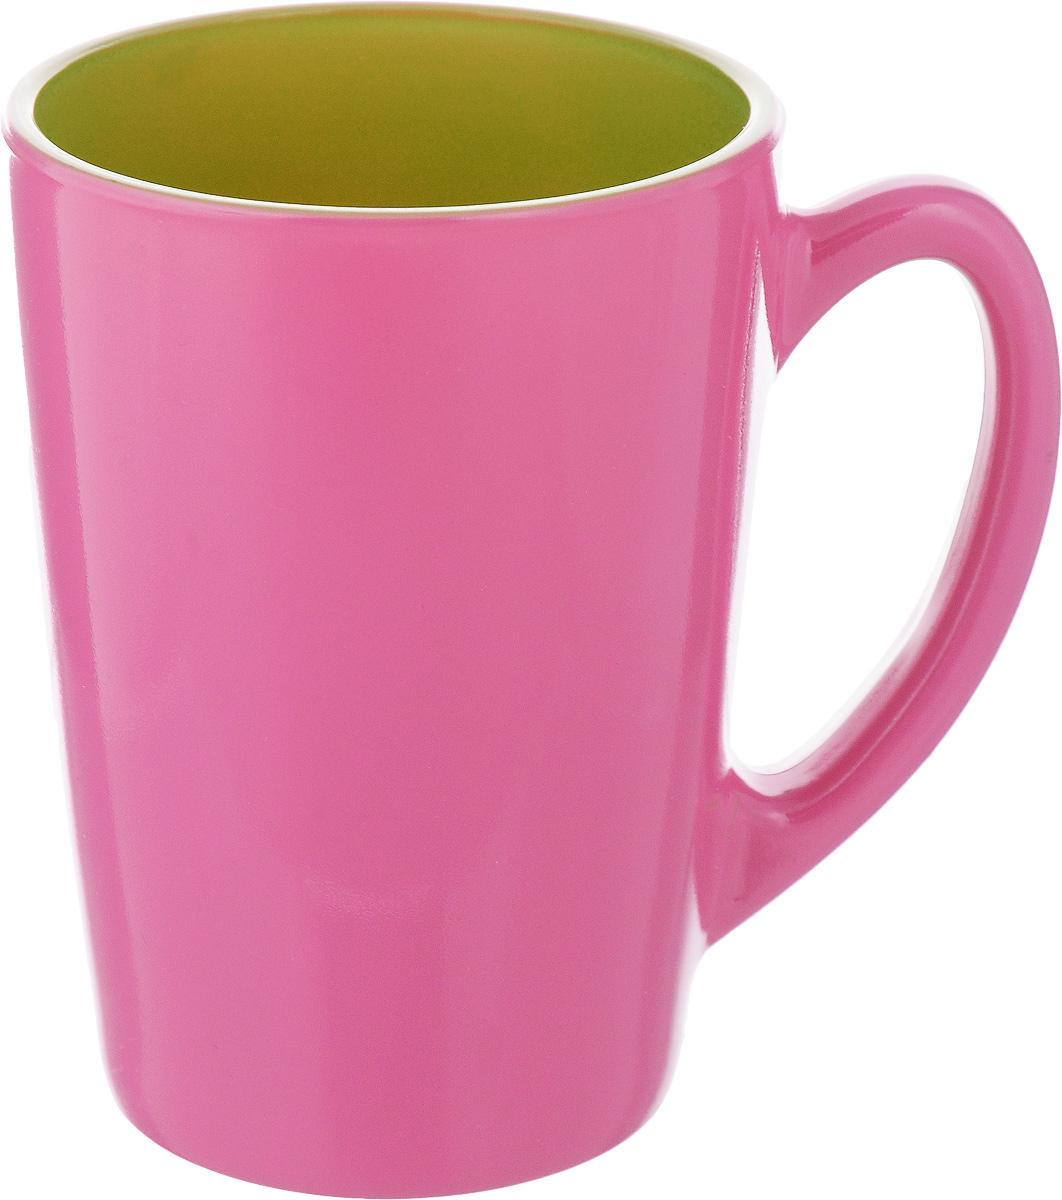 Кружка Luminarc Spring Break, цвет: малиновый, салатовый, 320 мл. J3417-1115610Кружка Luminarc Spring Break, изготовленная из ударопрочного стекла, прекрасно подойдет для горячих и холодных напитков. Она дополнит коллекцию вашей кухонной посуды и будет служить долгие годы. Можно использовать в микроволновой печи и мыть в посудомоечной машине. Диаметр кружки (по верхнему краю): 8 см.Высота стенки кружки: 11 см.